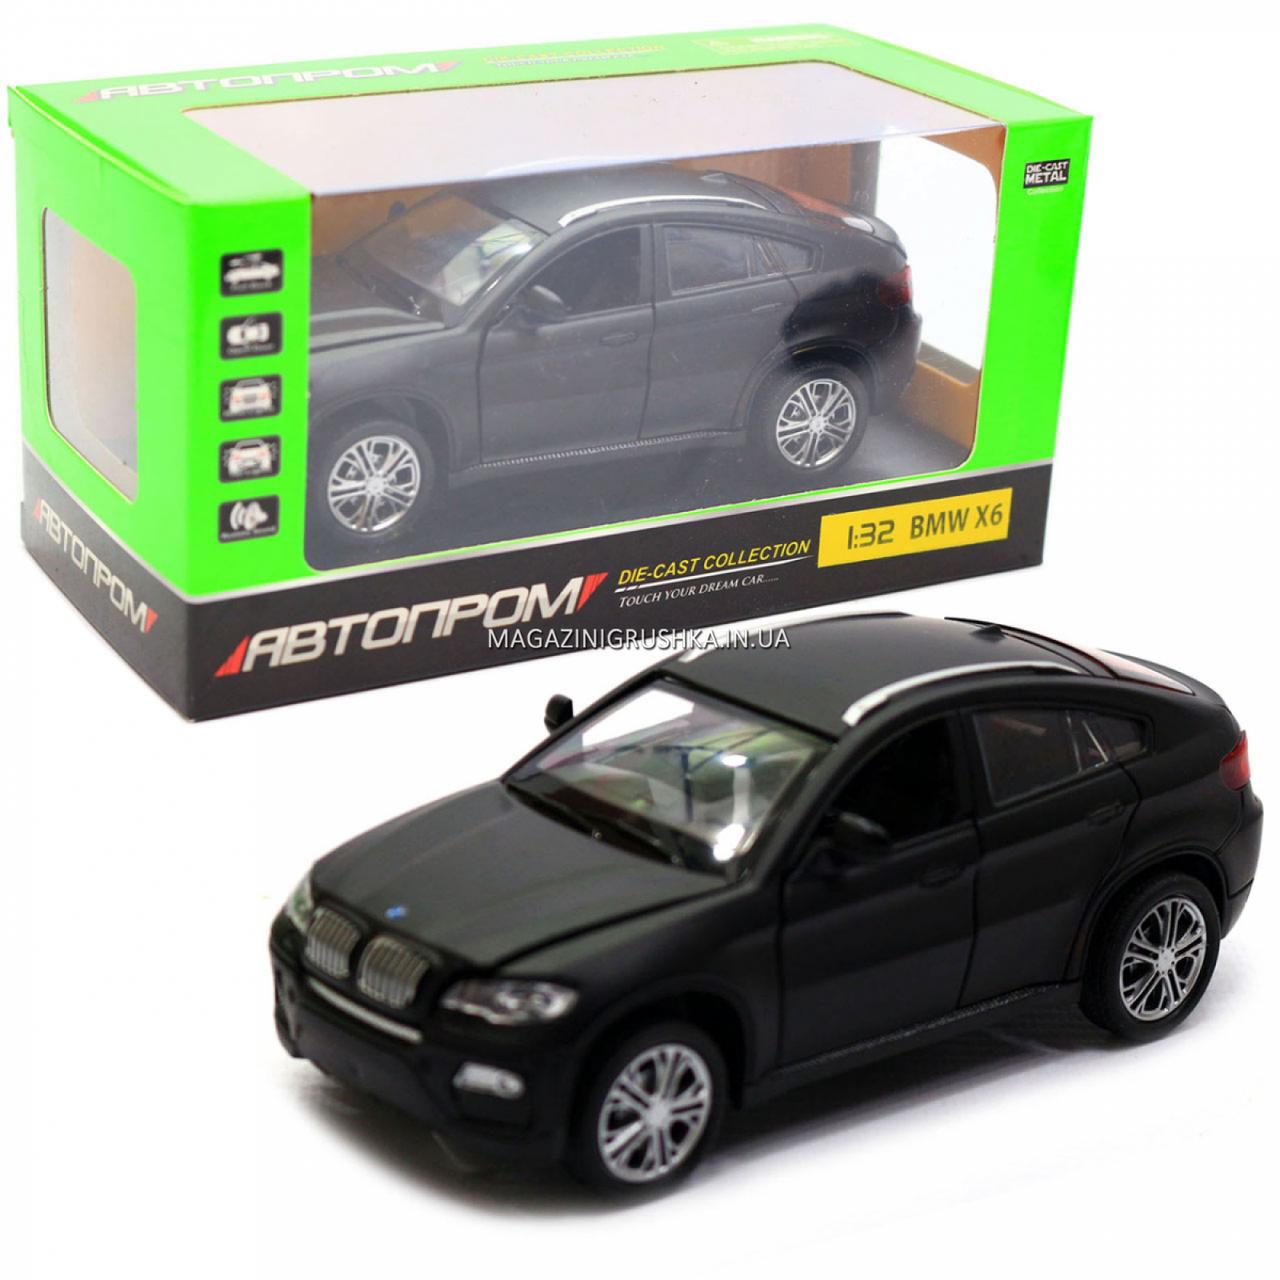 Машинка игровая автопром «BMW X6» джип, 14 см, черный, свет, звук, двери открываются (7860)